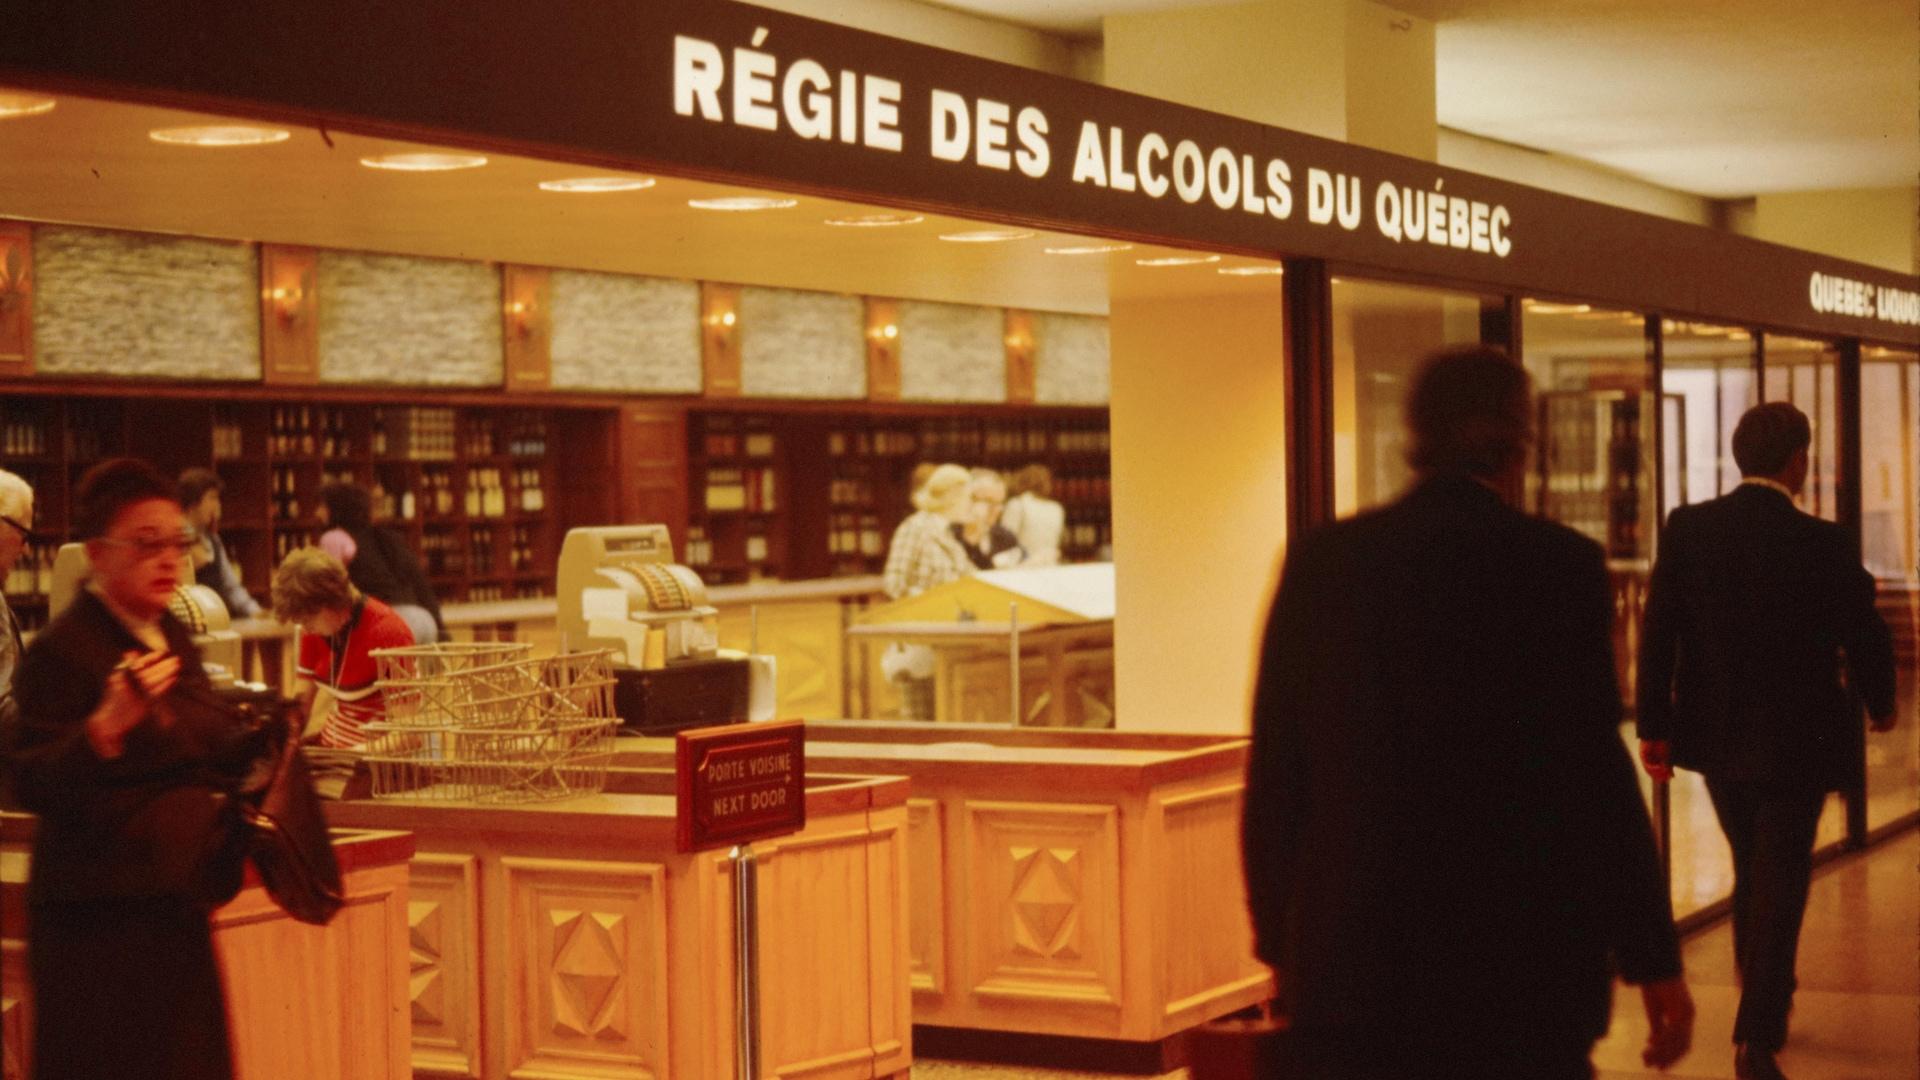 Une succursale de la Régie des alcools, durant les années 1960. Ce sont encore les employés qui ont accès aux bouteilles et qui peuvent les sélectionner pour les clients, même si les grilles d'autrefois ont disparu.